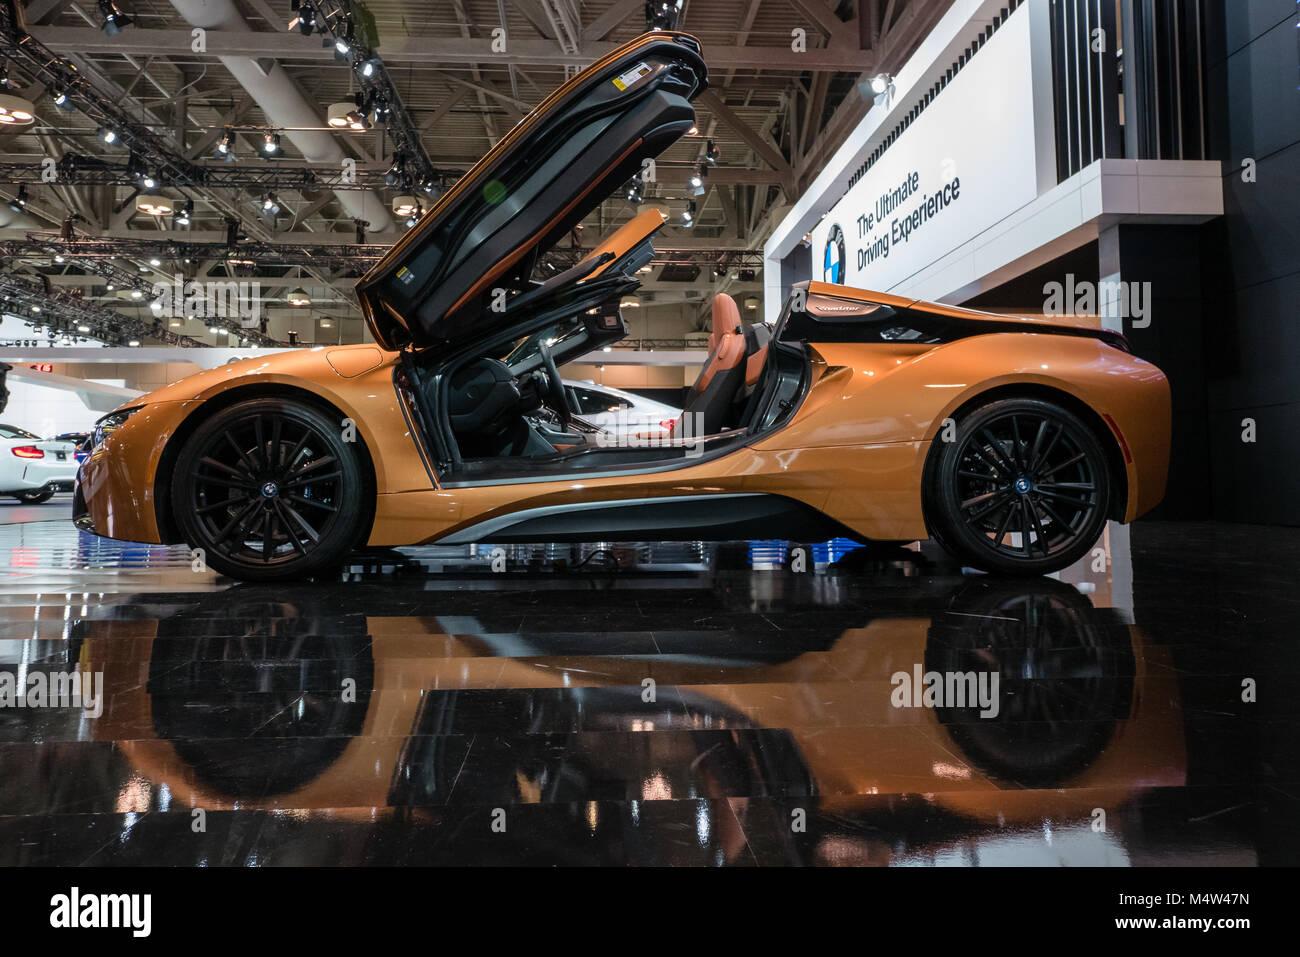 Orange Bmw I8 Electric Car Stock Photo 175114457 Alamy